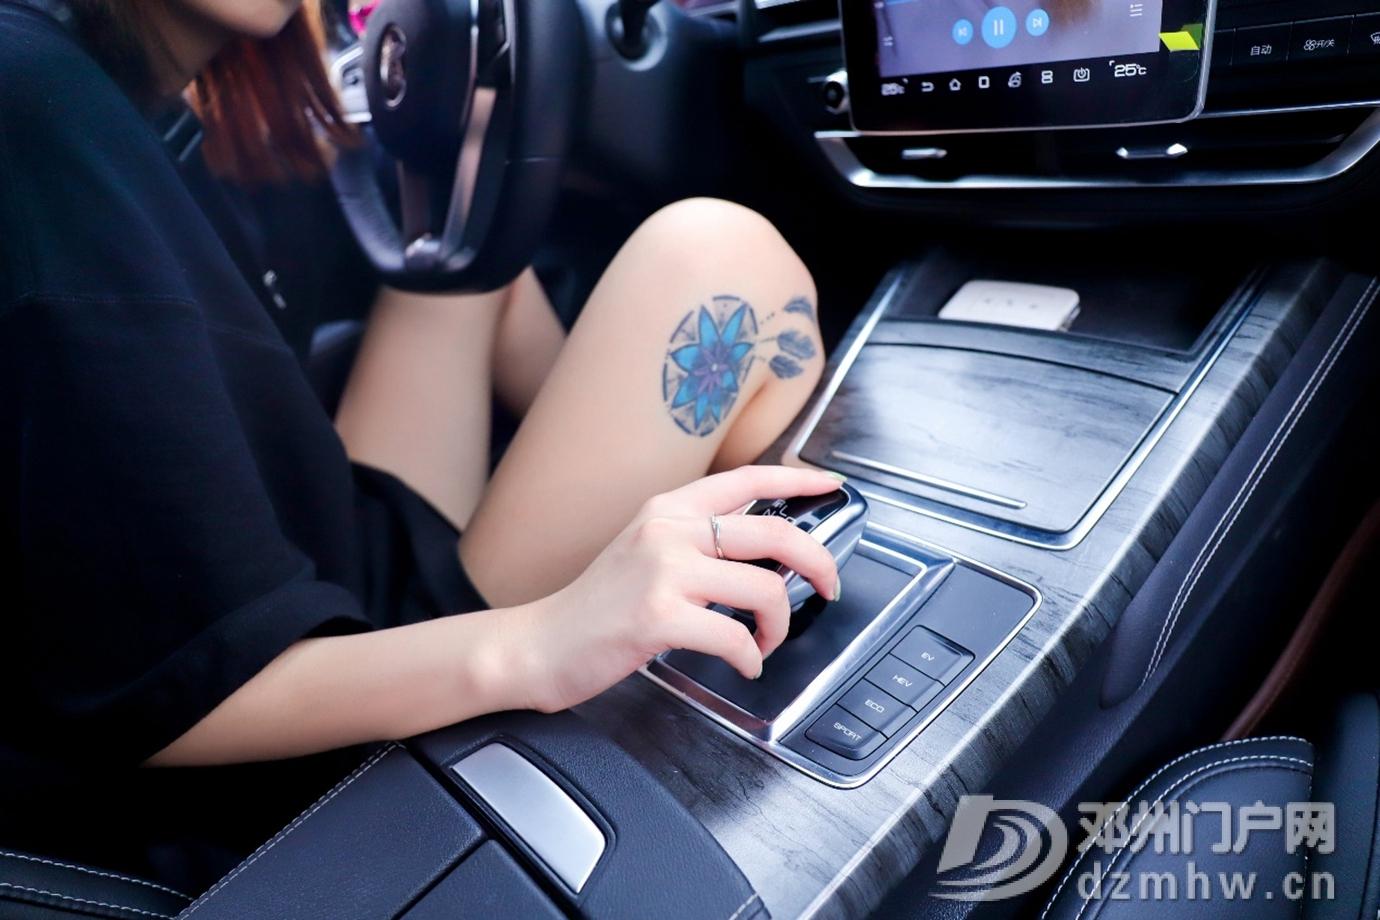 秦Pro DM车主的嘻哈生活 - 邓州门户网|邓州网 - a17.jpg